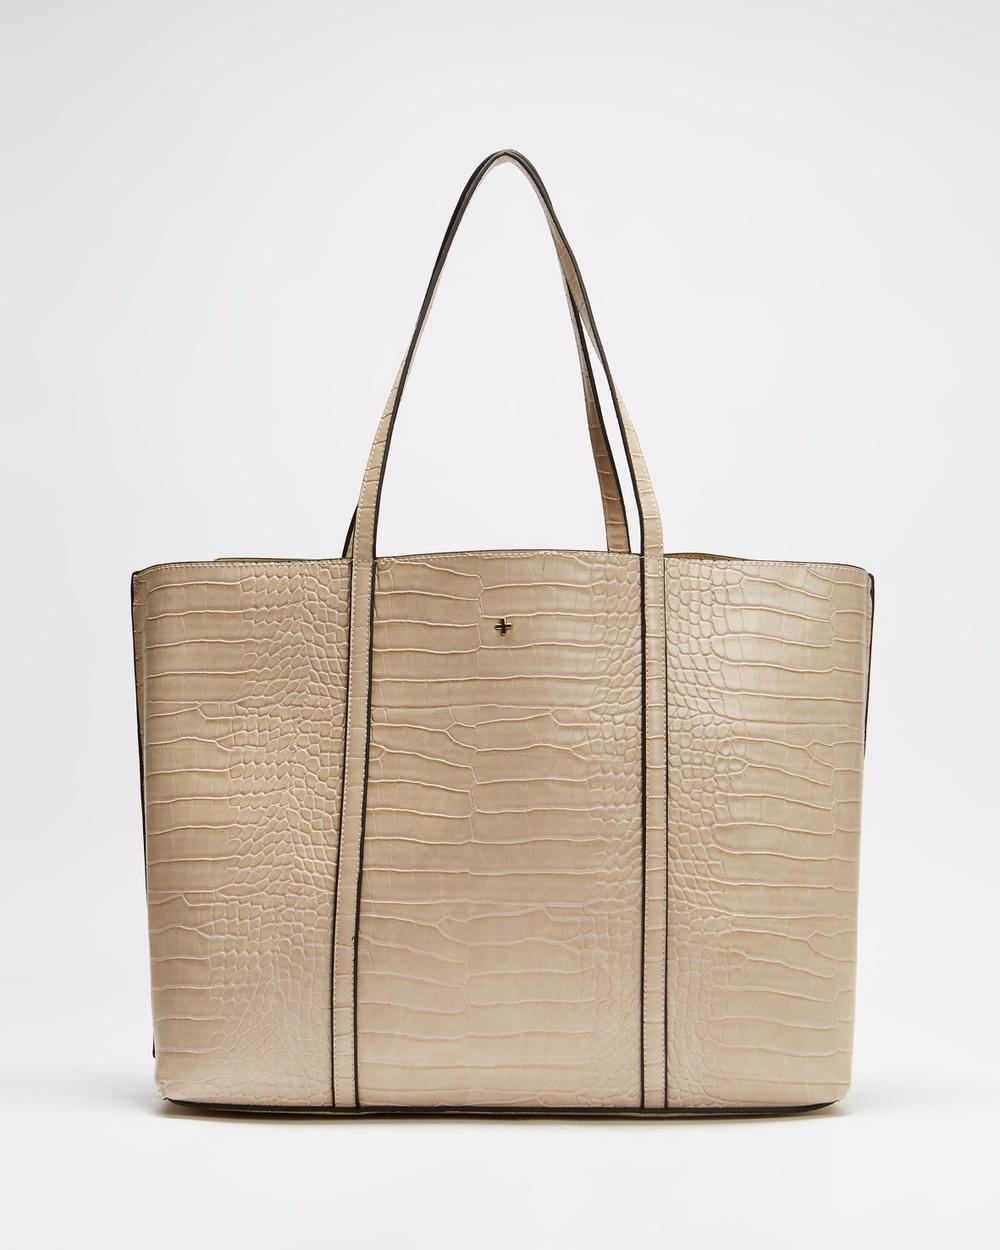 PETA AND JAIN Hudson Handbags Nude Croc & Gold